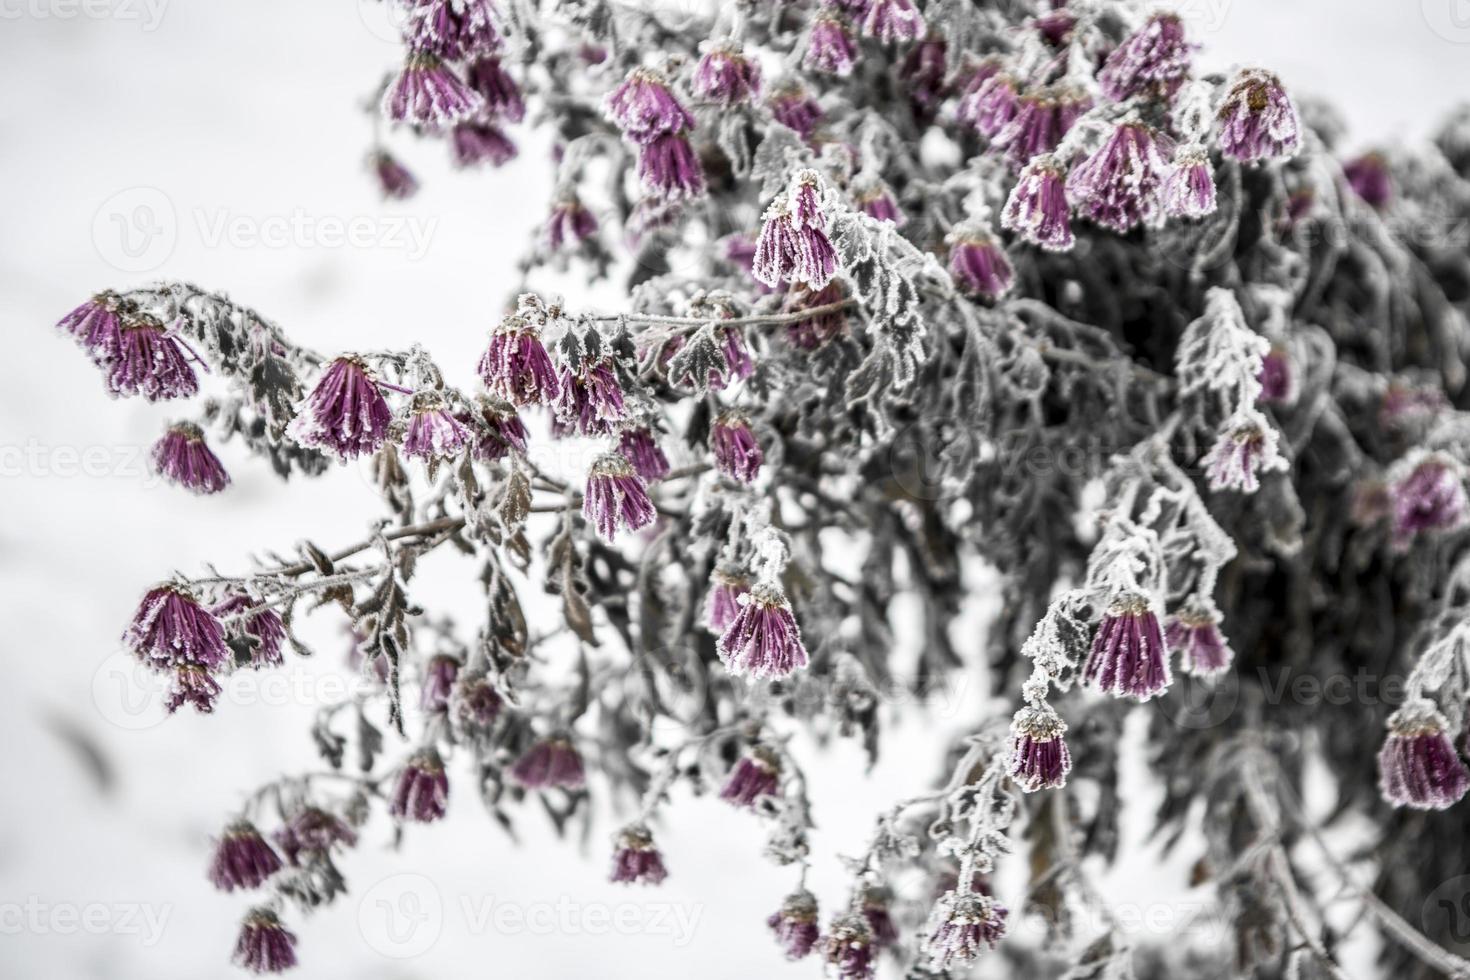 fiori coperti di brina foto